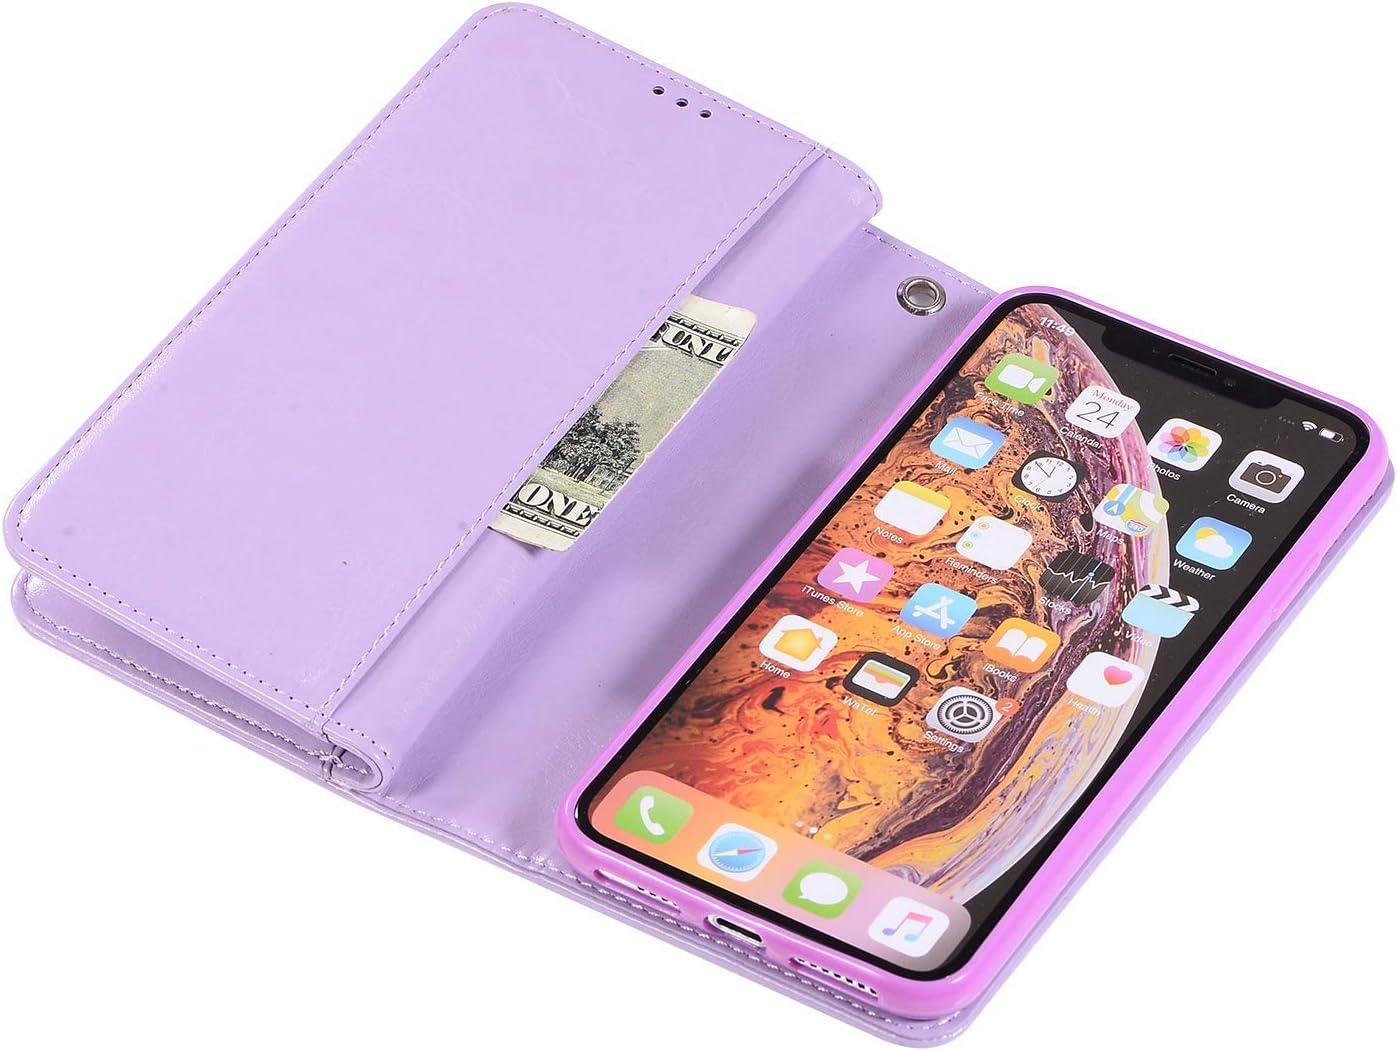 Ysimee kompatibel mit Huawei Mate 20 Lite//Maimang 7 H/ülle Glitzer PU Leder Handyh/ülle 1 X Stylus Pen Lila Rei/ßverschluss Magnetverschluss Kartenslots St/änder Weich TPU Schutzh/ülle